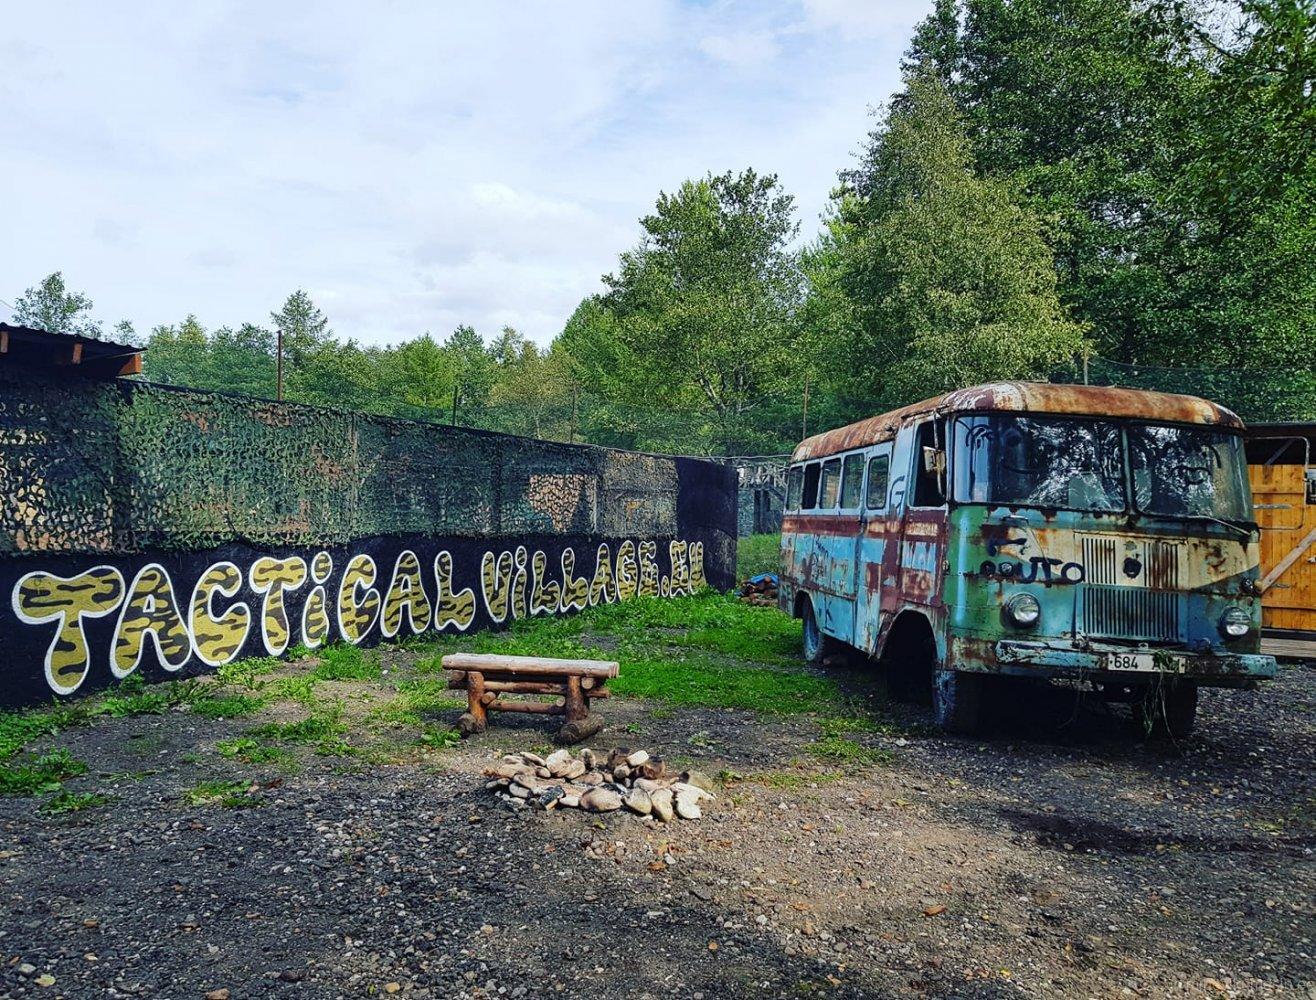 Bussi uus asukoht Maardus <i>paintball</i>i mänguväljakul, august 2018.